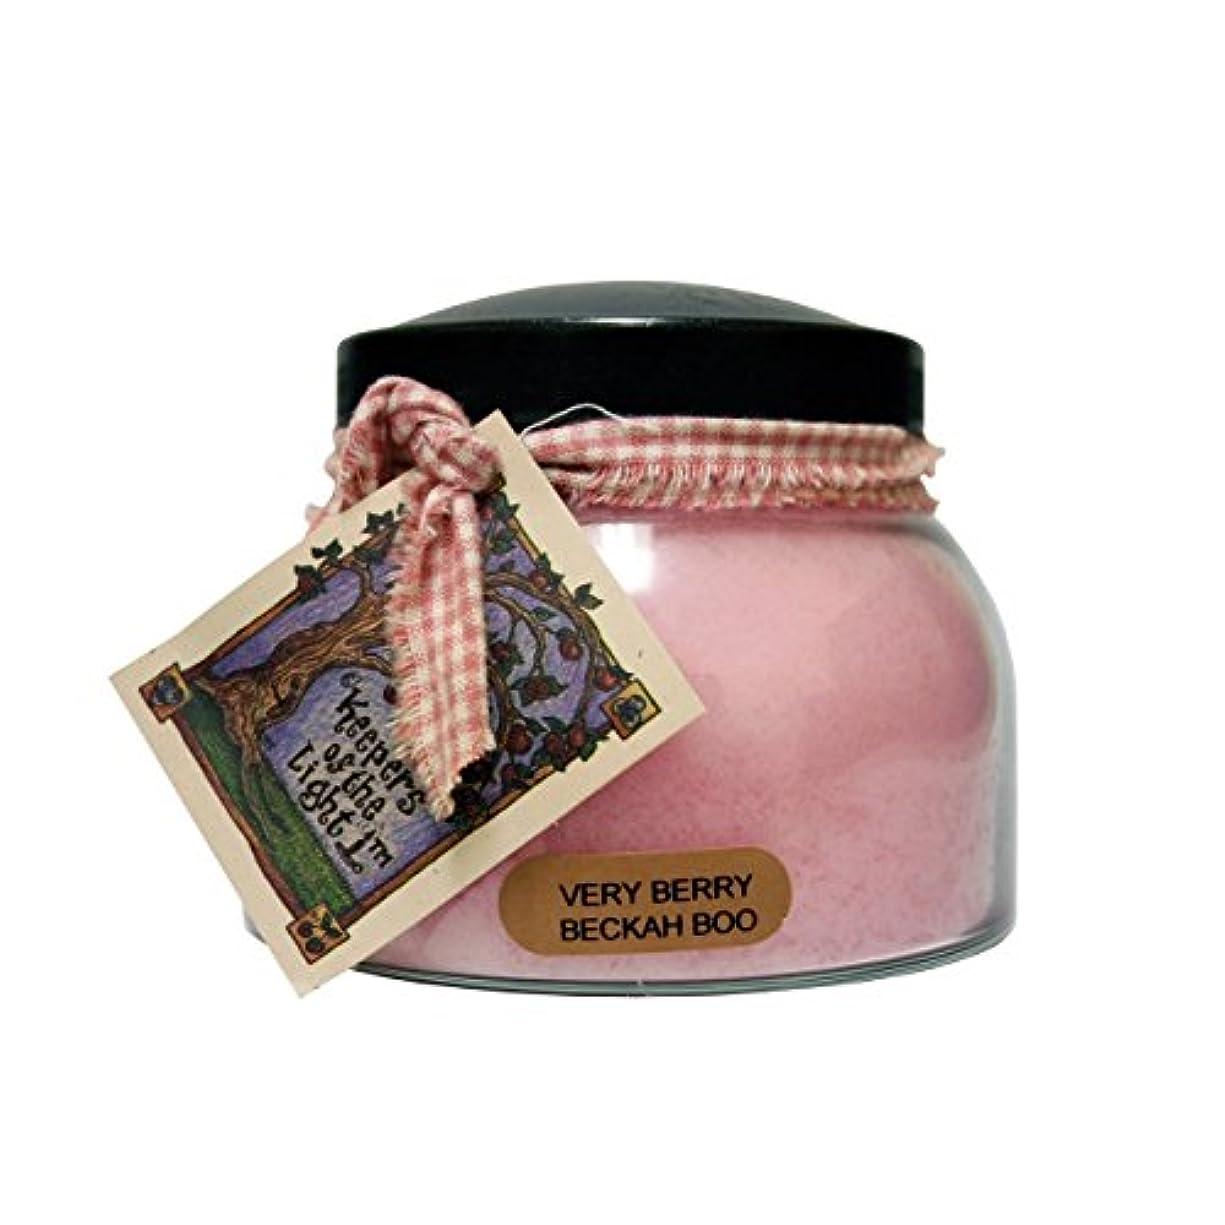 青写真願望ガイドA Cheerful Giver Very Berry Beckah Boo Mama Jar Candle, 22-Ounce [並行輸入品]